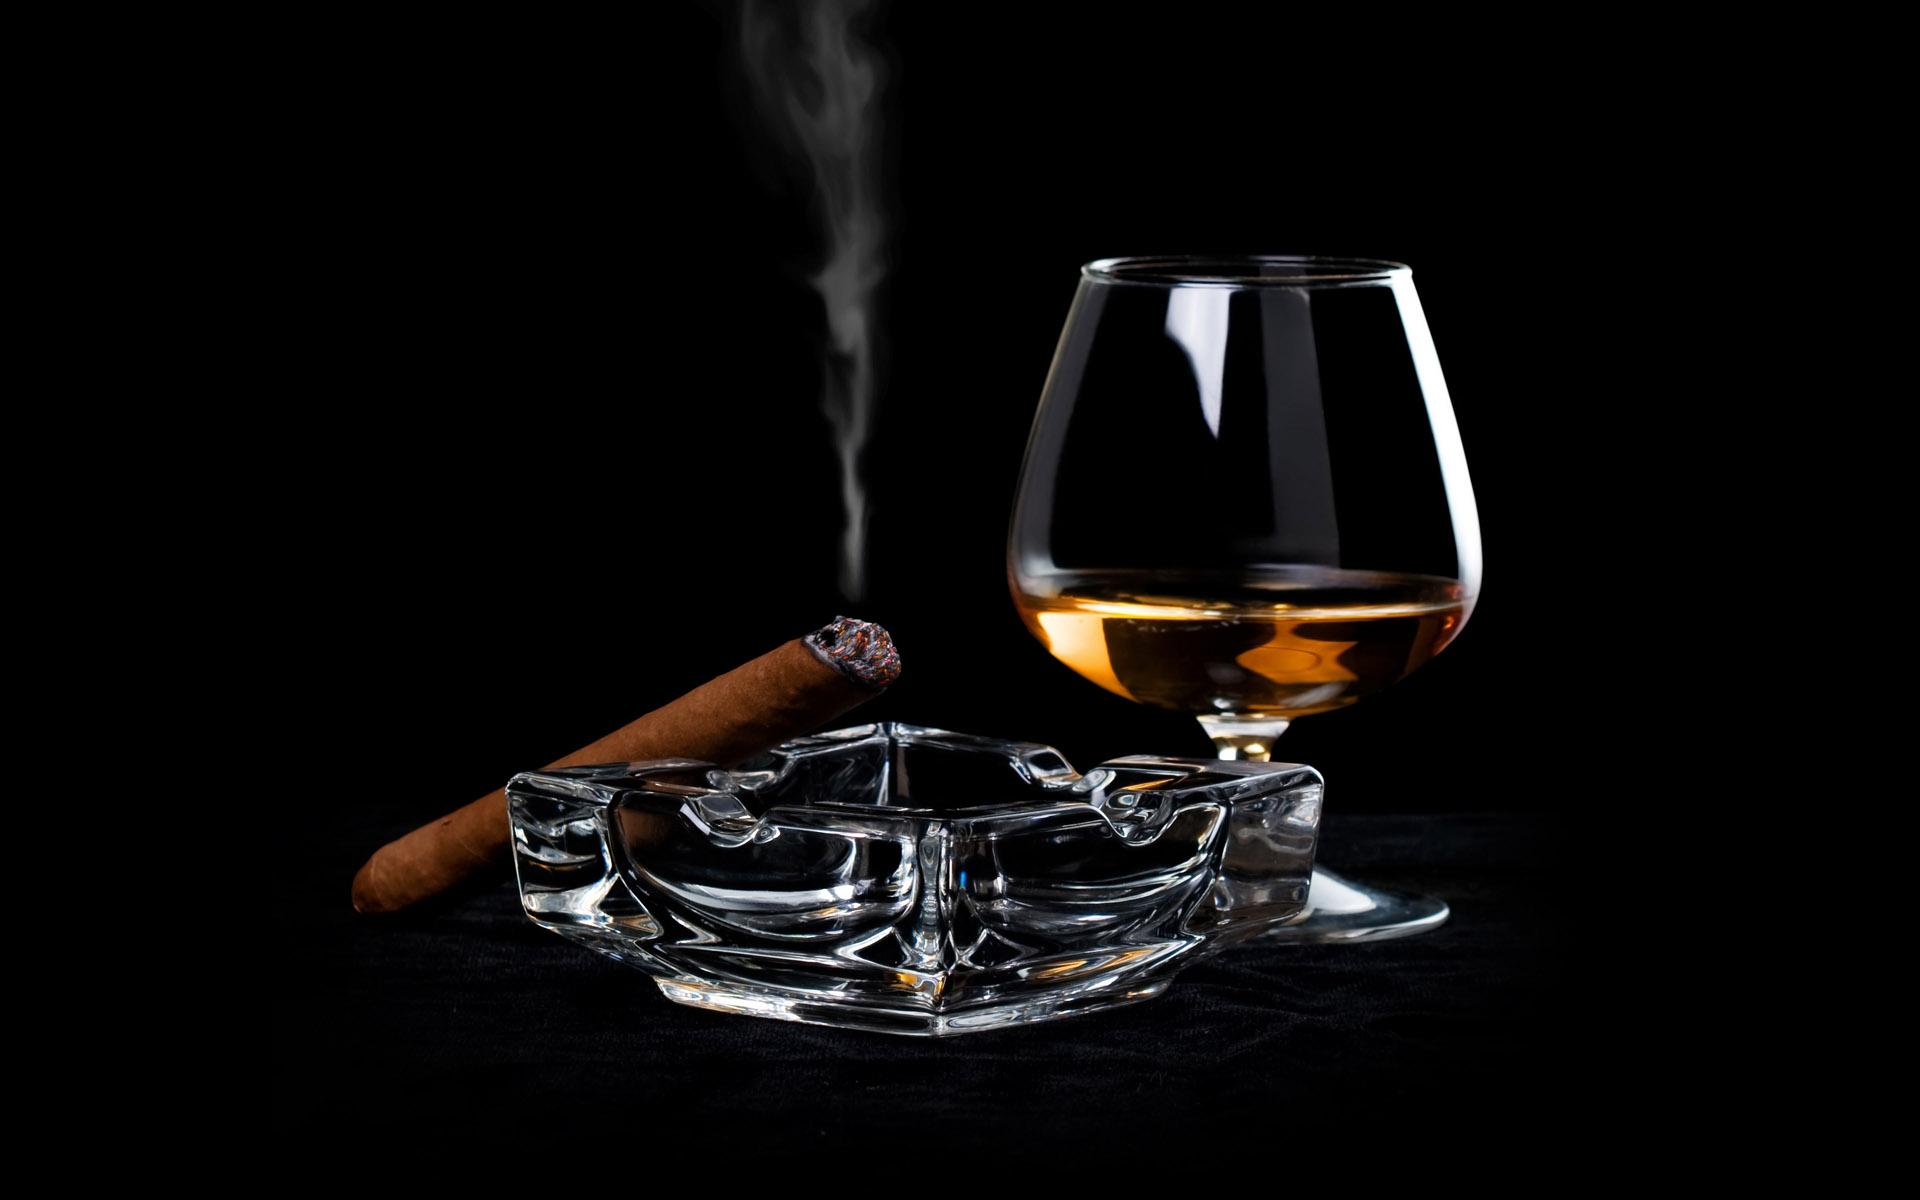 Una copa de whisky y tabaco hd 1920x1200 imagenes for Copas para whisky